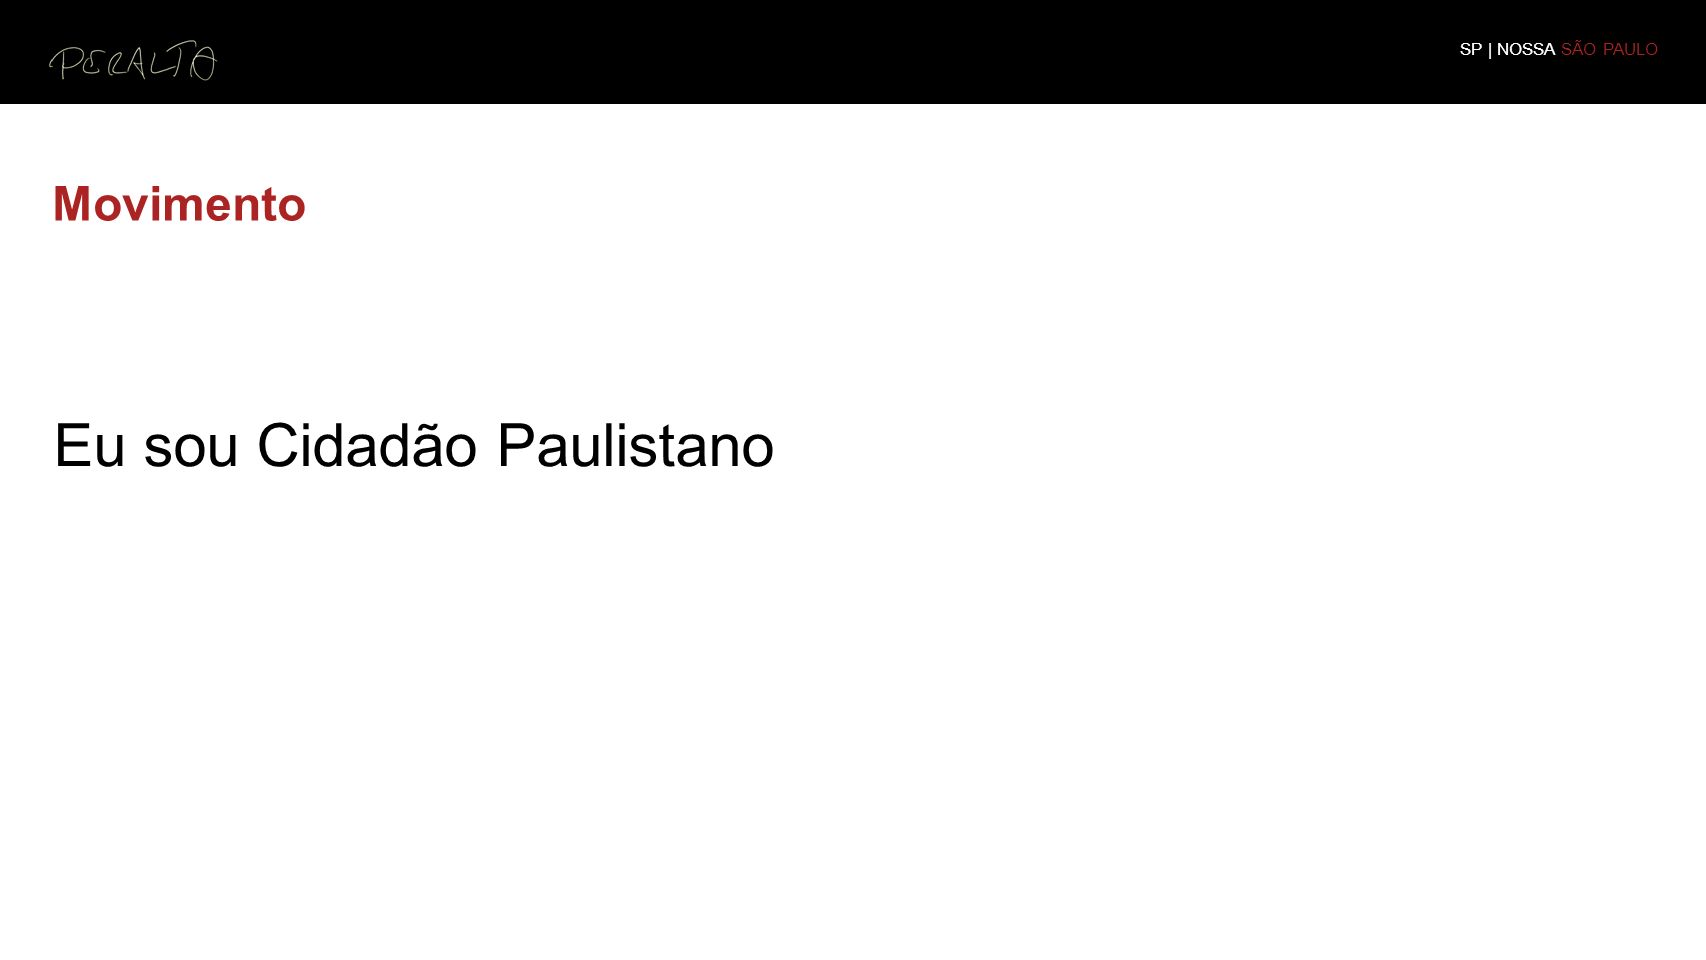 Eu sou Cidadão Paulistano